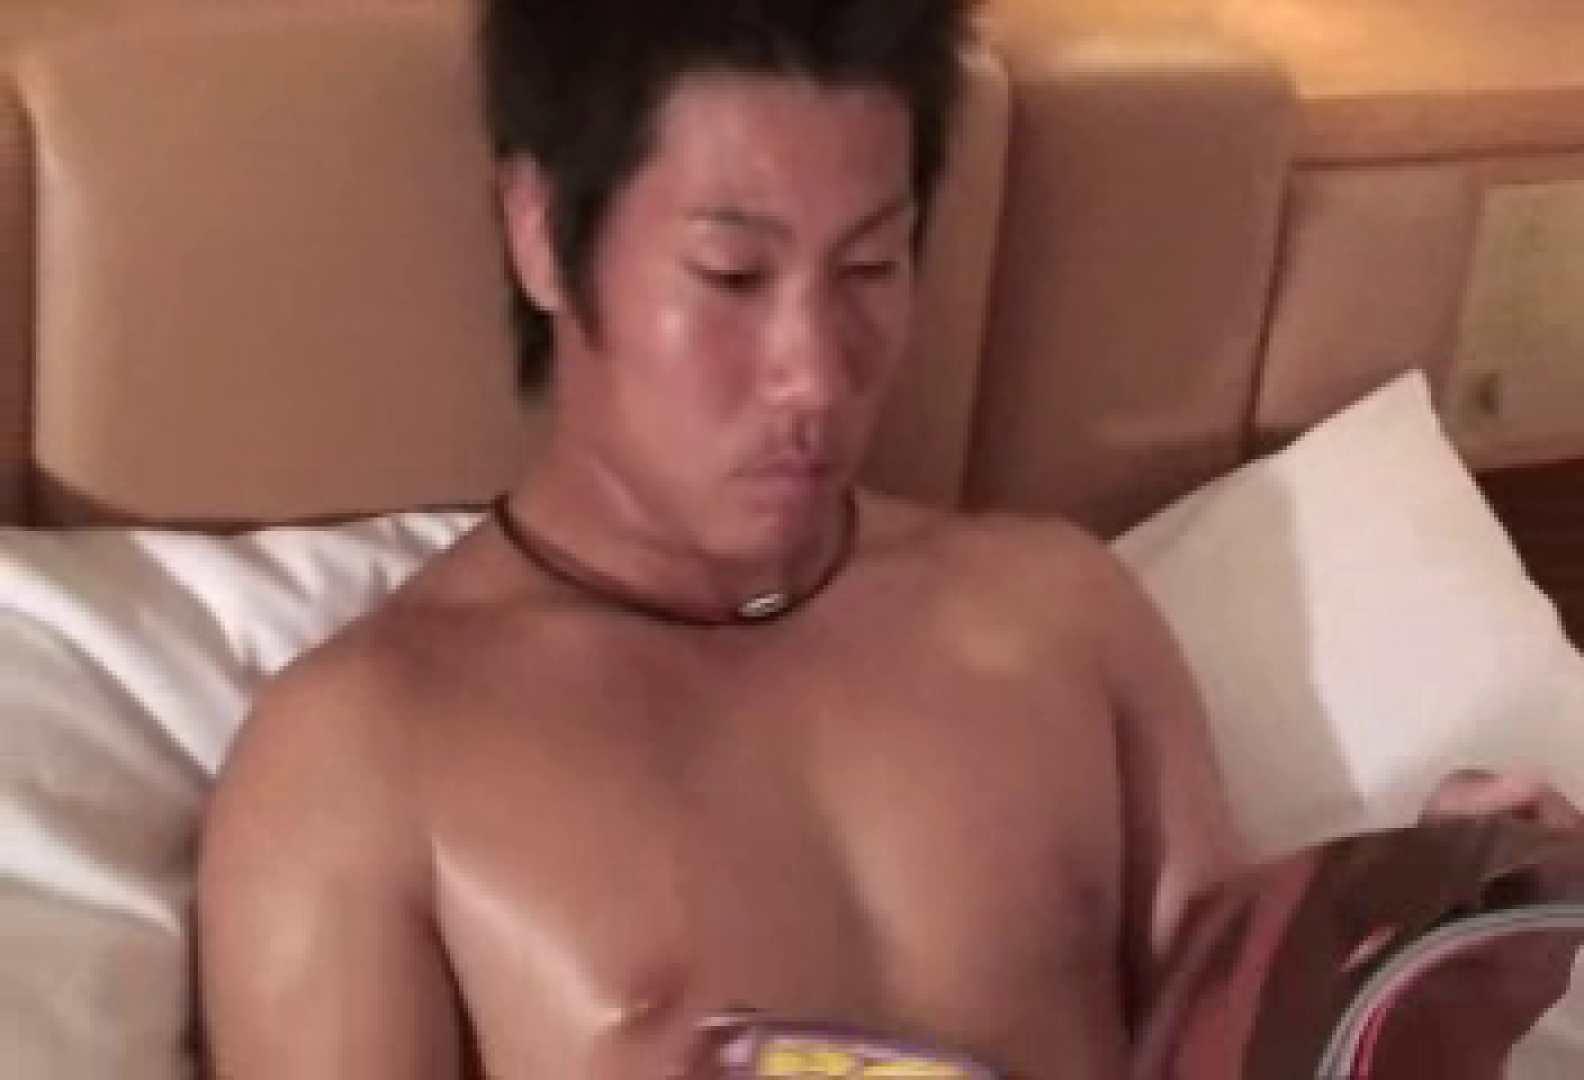 スリ筋!!Nice Finish!!vol.02 手コキ ゲイアダルトビデオ画像 85pic 58